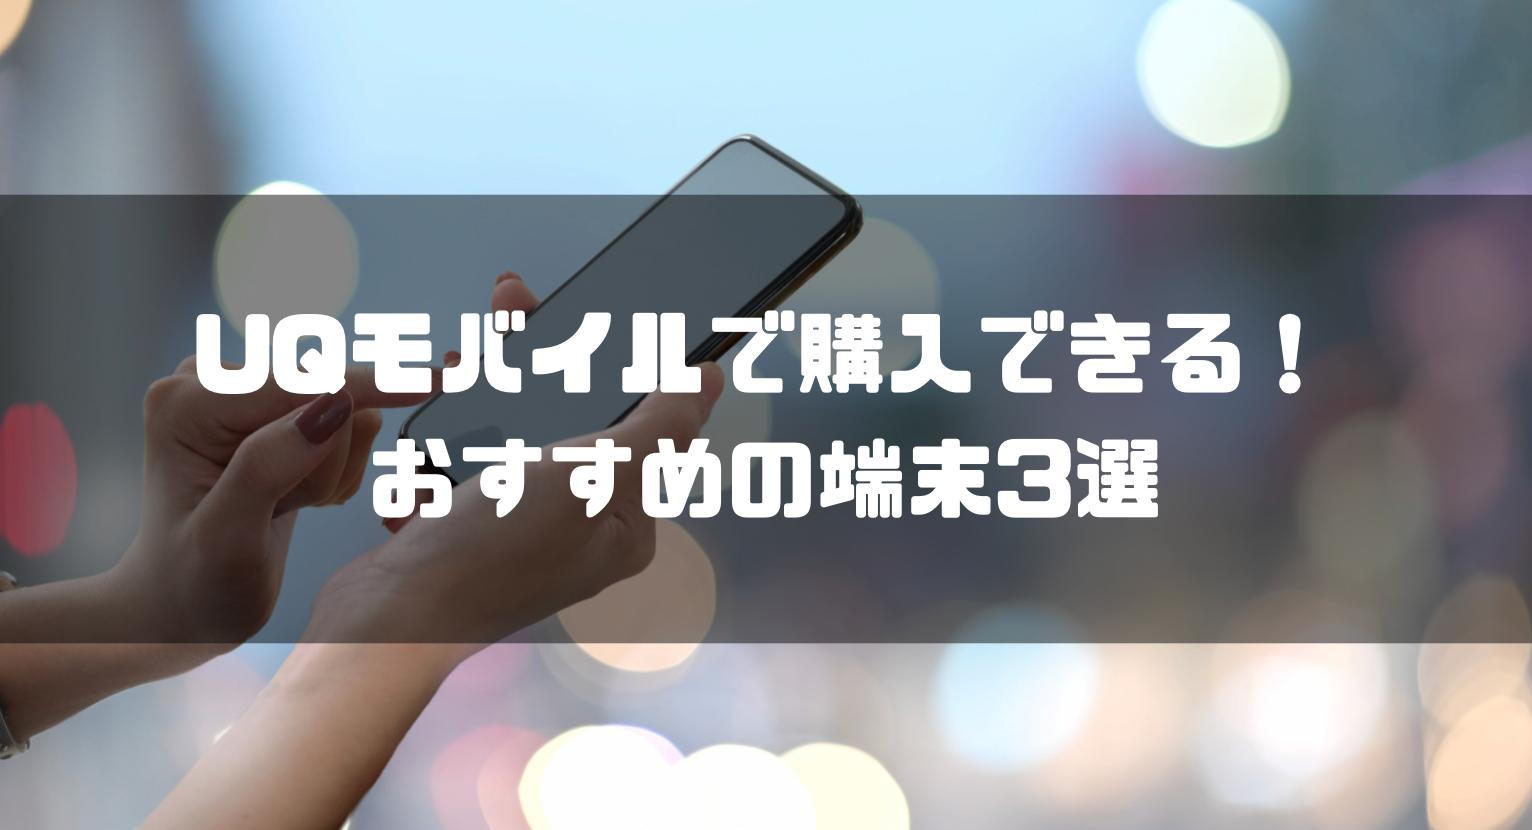 UQモバイル_口コミ_おすすめ端末